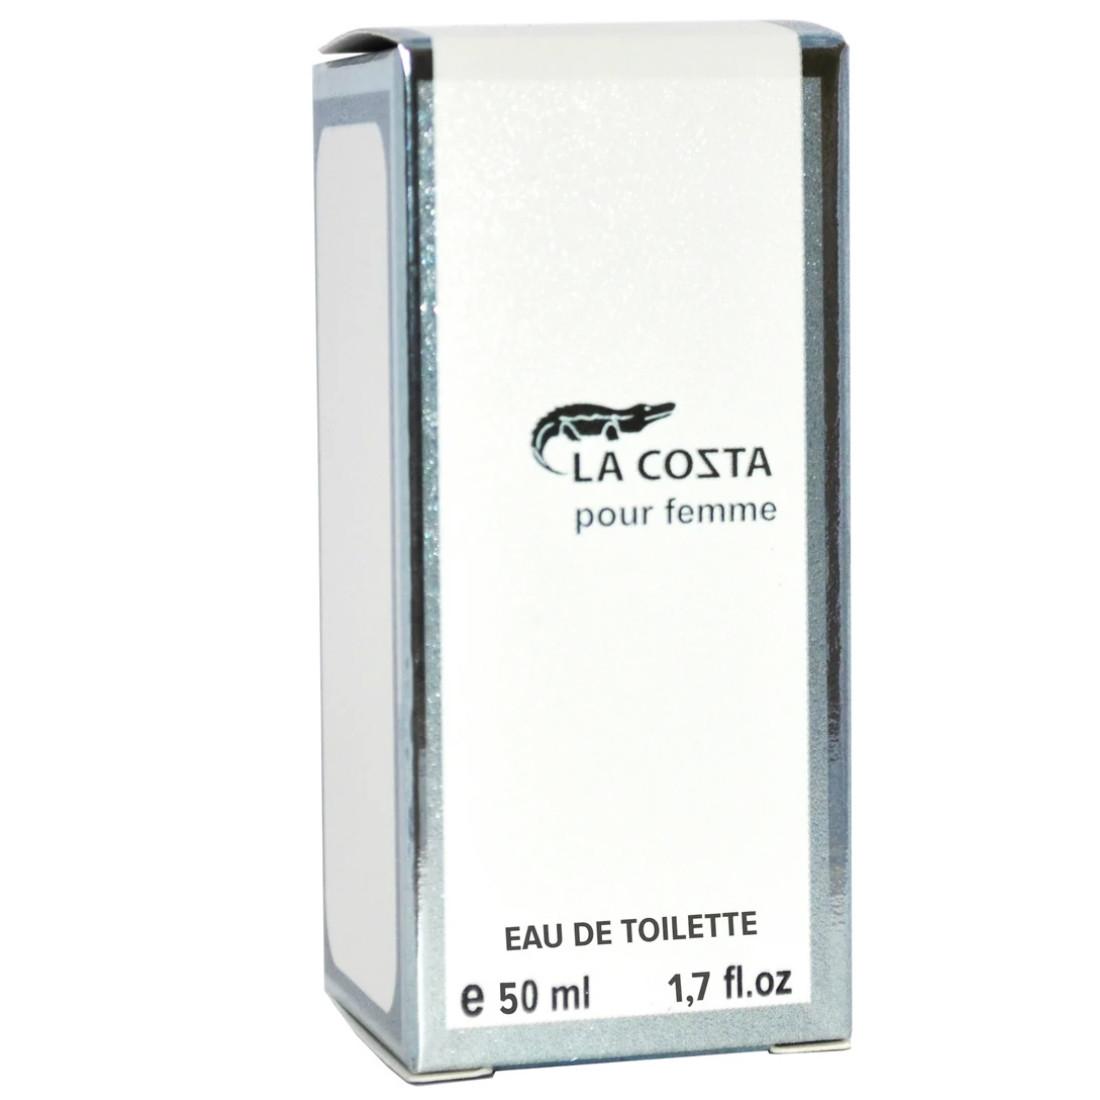 Туалетная вода для женщин EVA cosmetics Ароматы мира La Cozta pour femme 50 мл (04370100503)